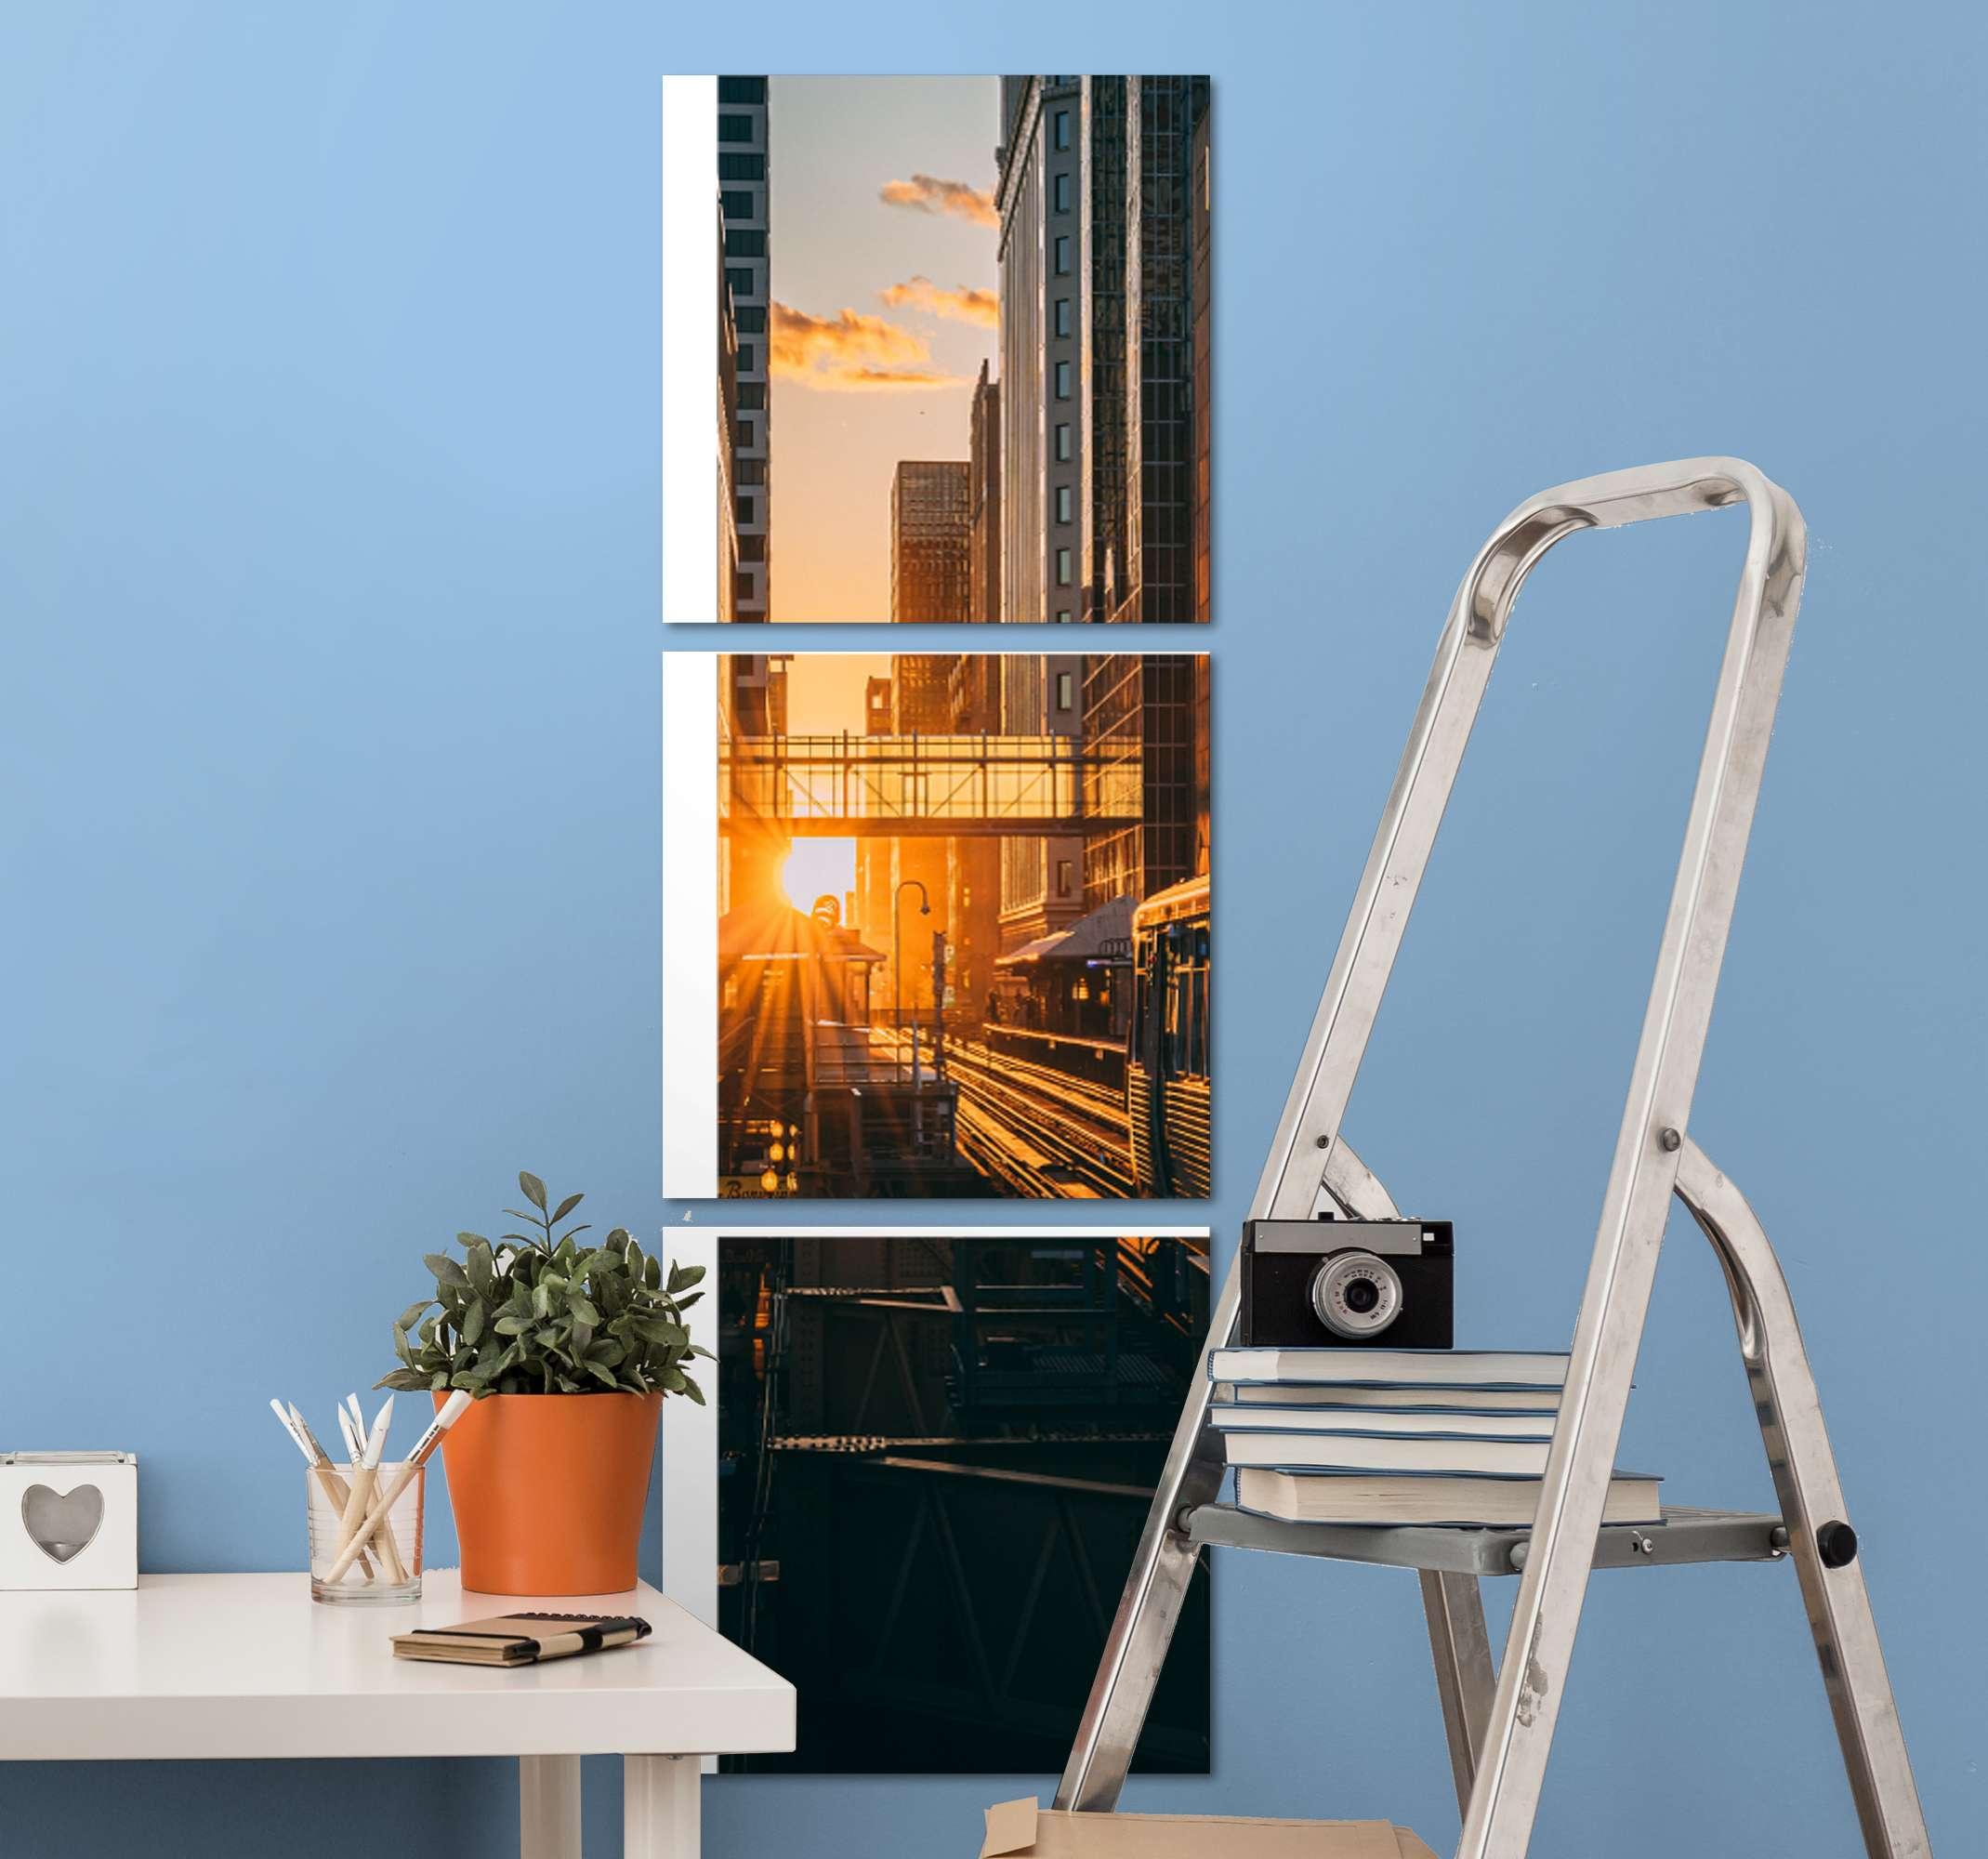 TenStickers. современные пейзажи холст стены искусства. современные городские пейзажи. Прекрасно украсит любое пространство в доме и в офисе. дизайн напечатан в качественной отделке.